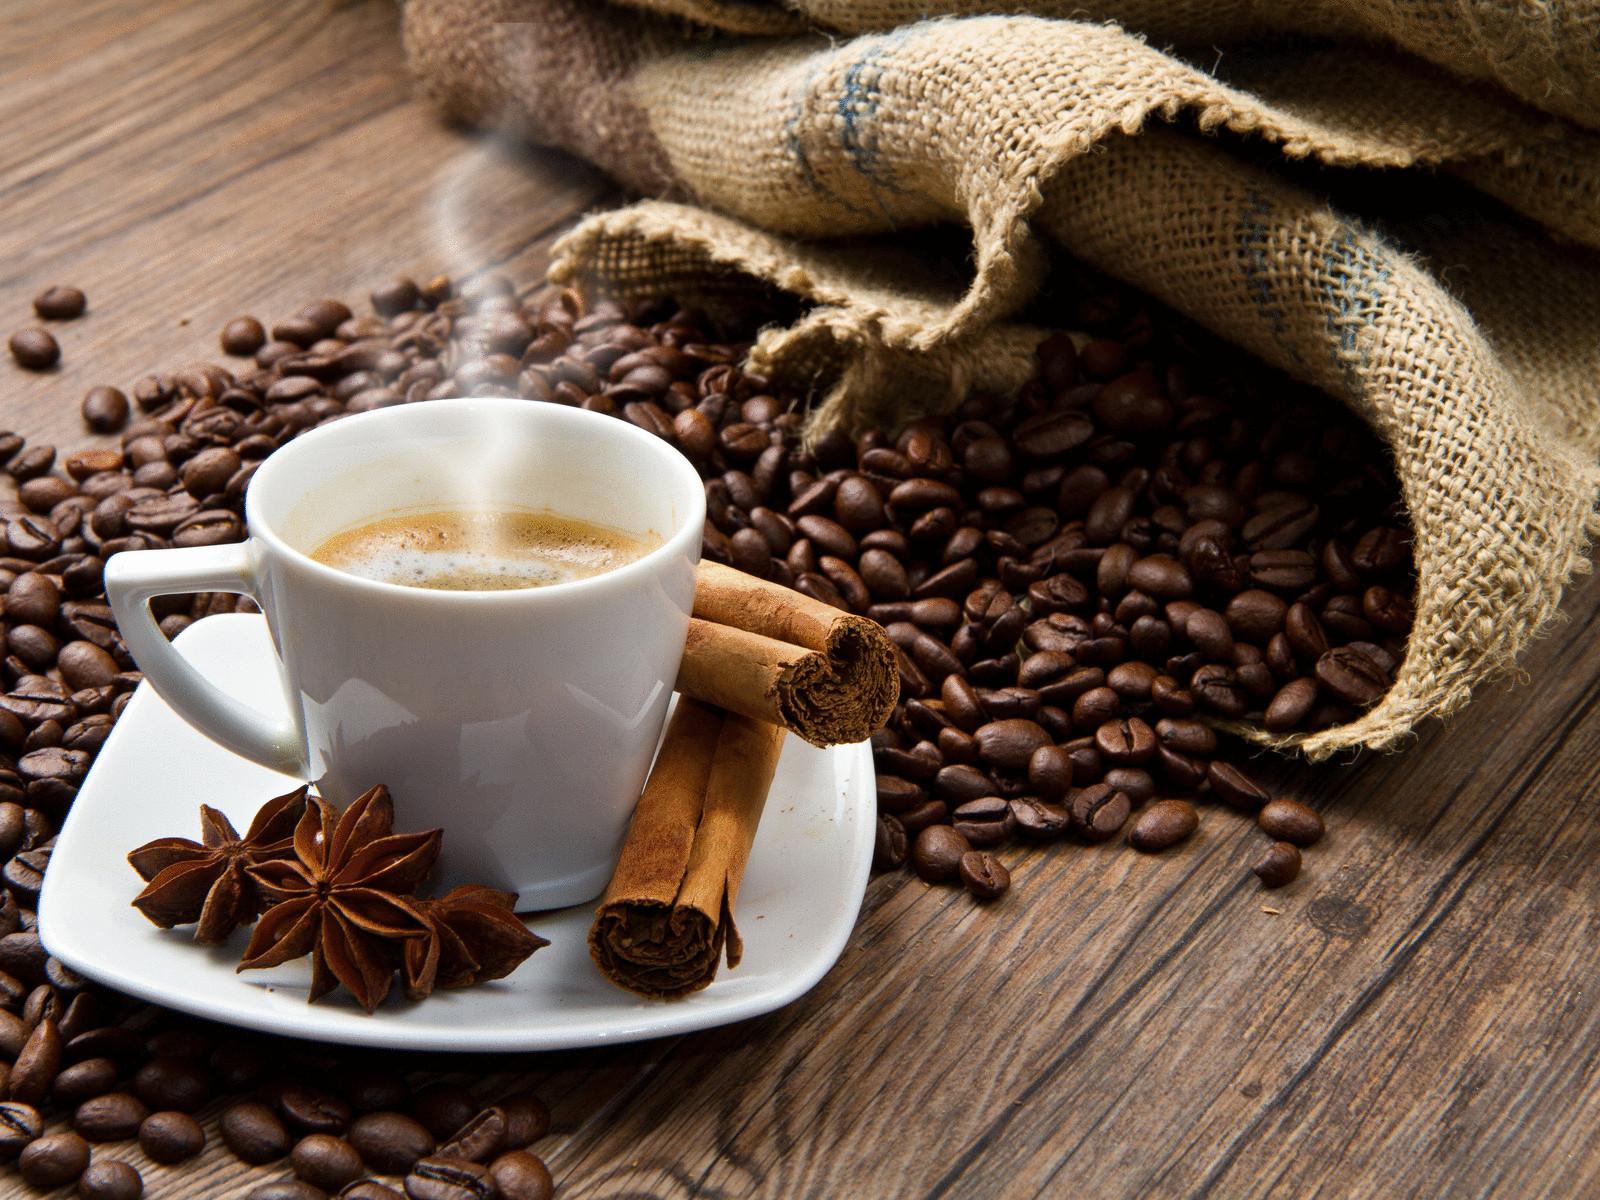 фото с чашкой кофе железобетонных изделий